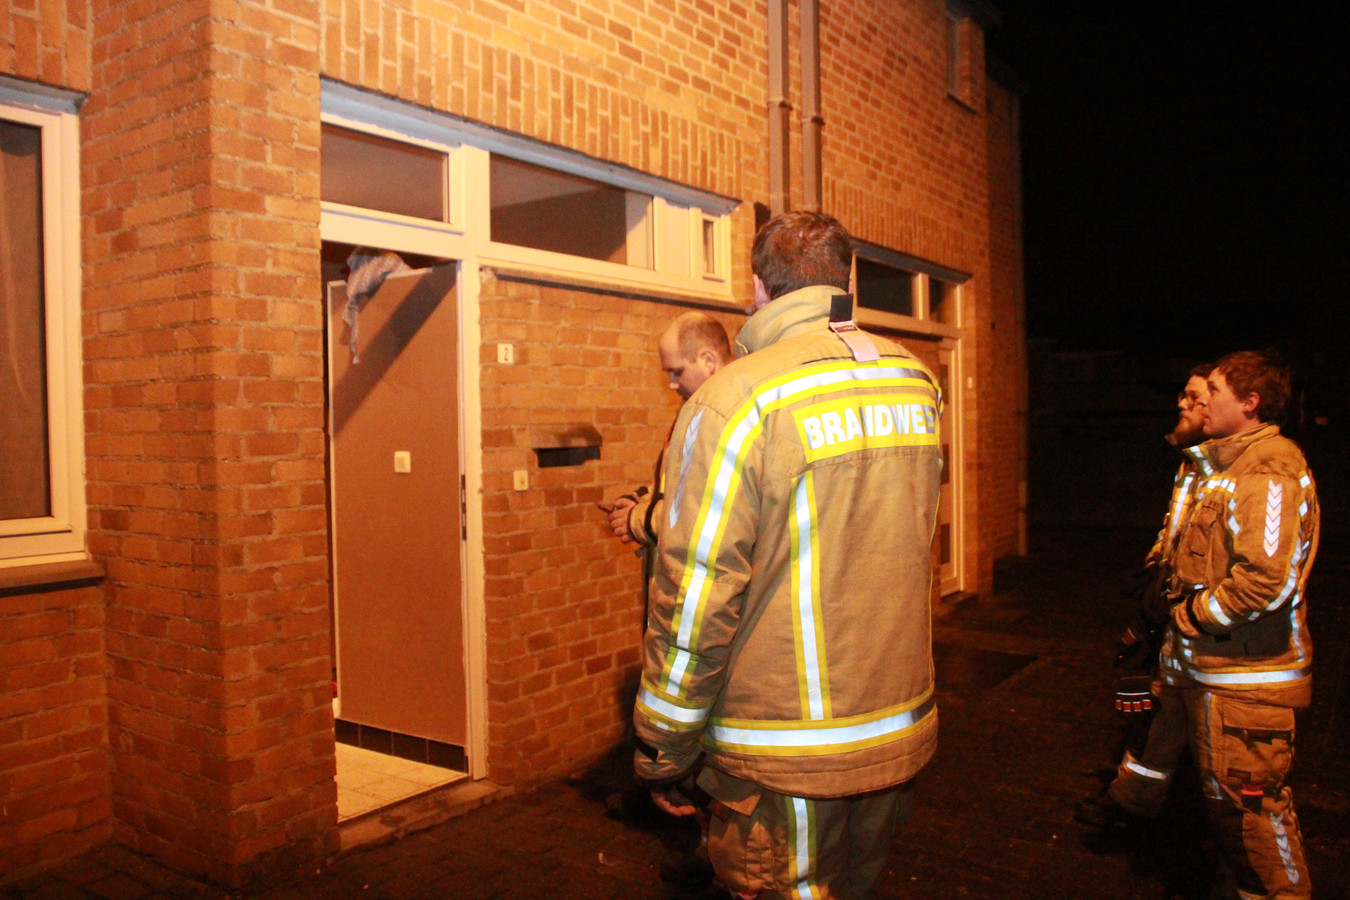 De brandweer kon het vuur vrijdagavond snel blussen. Het huis is wel tijdelijk onbewoonbaar verklaard.